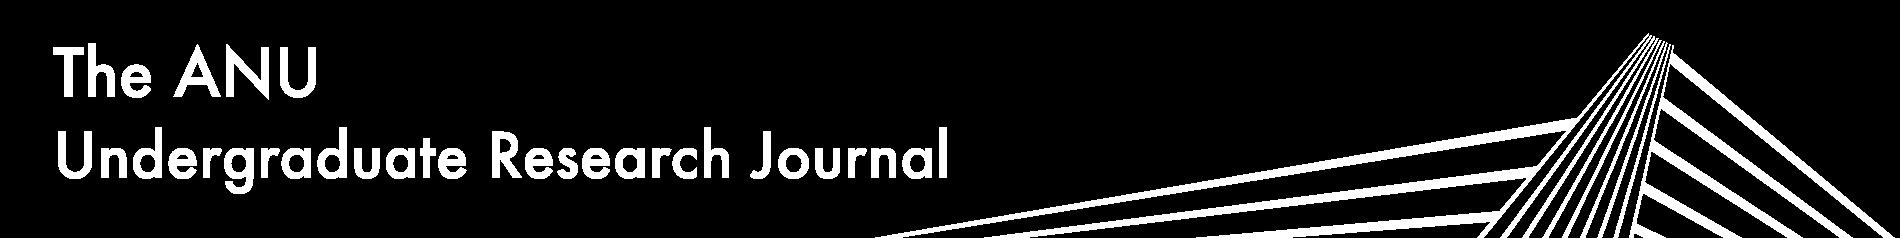 ANU Undergraduate Research Journal